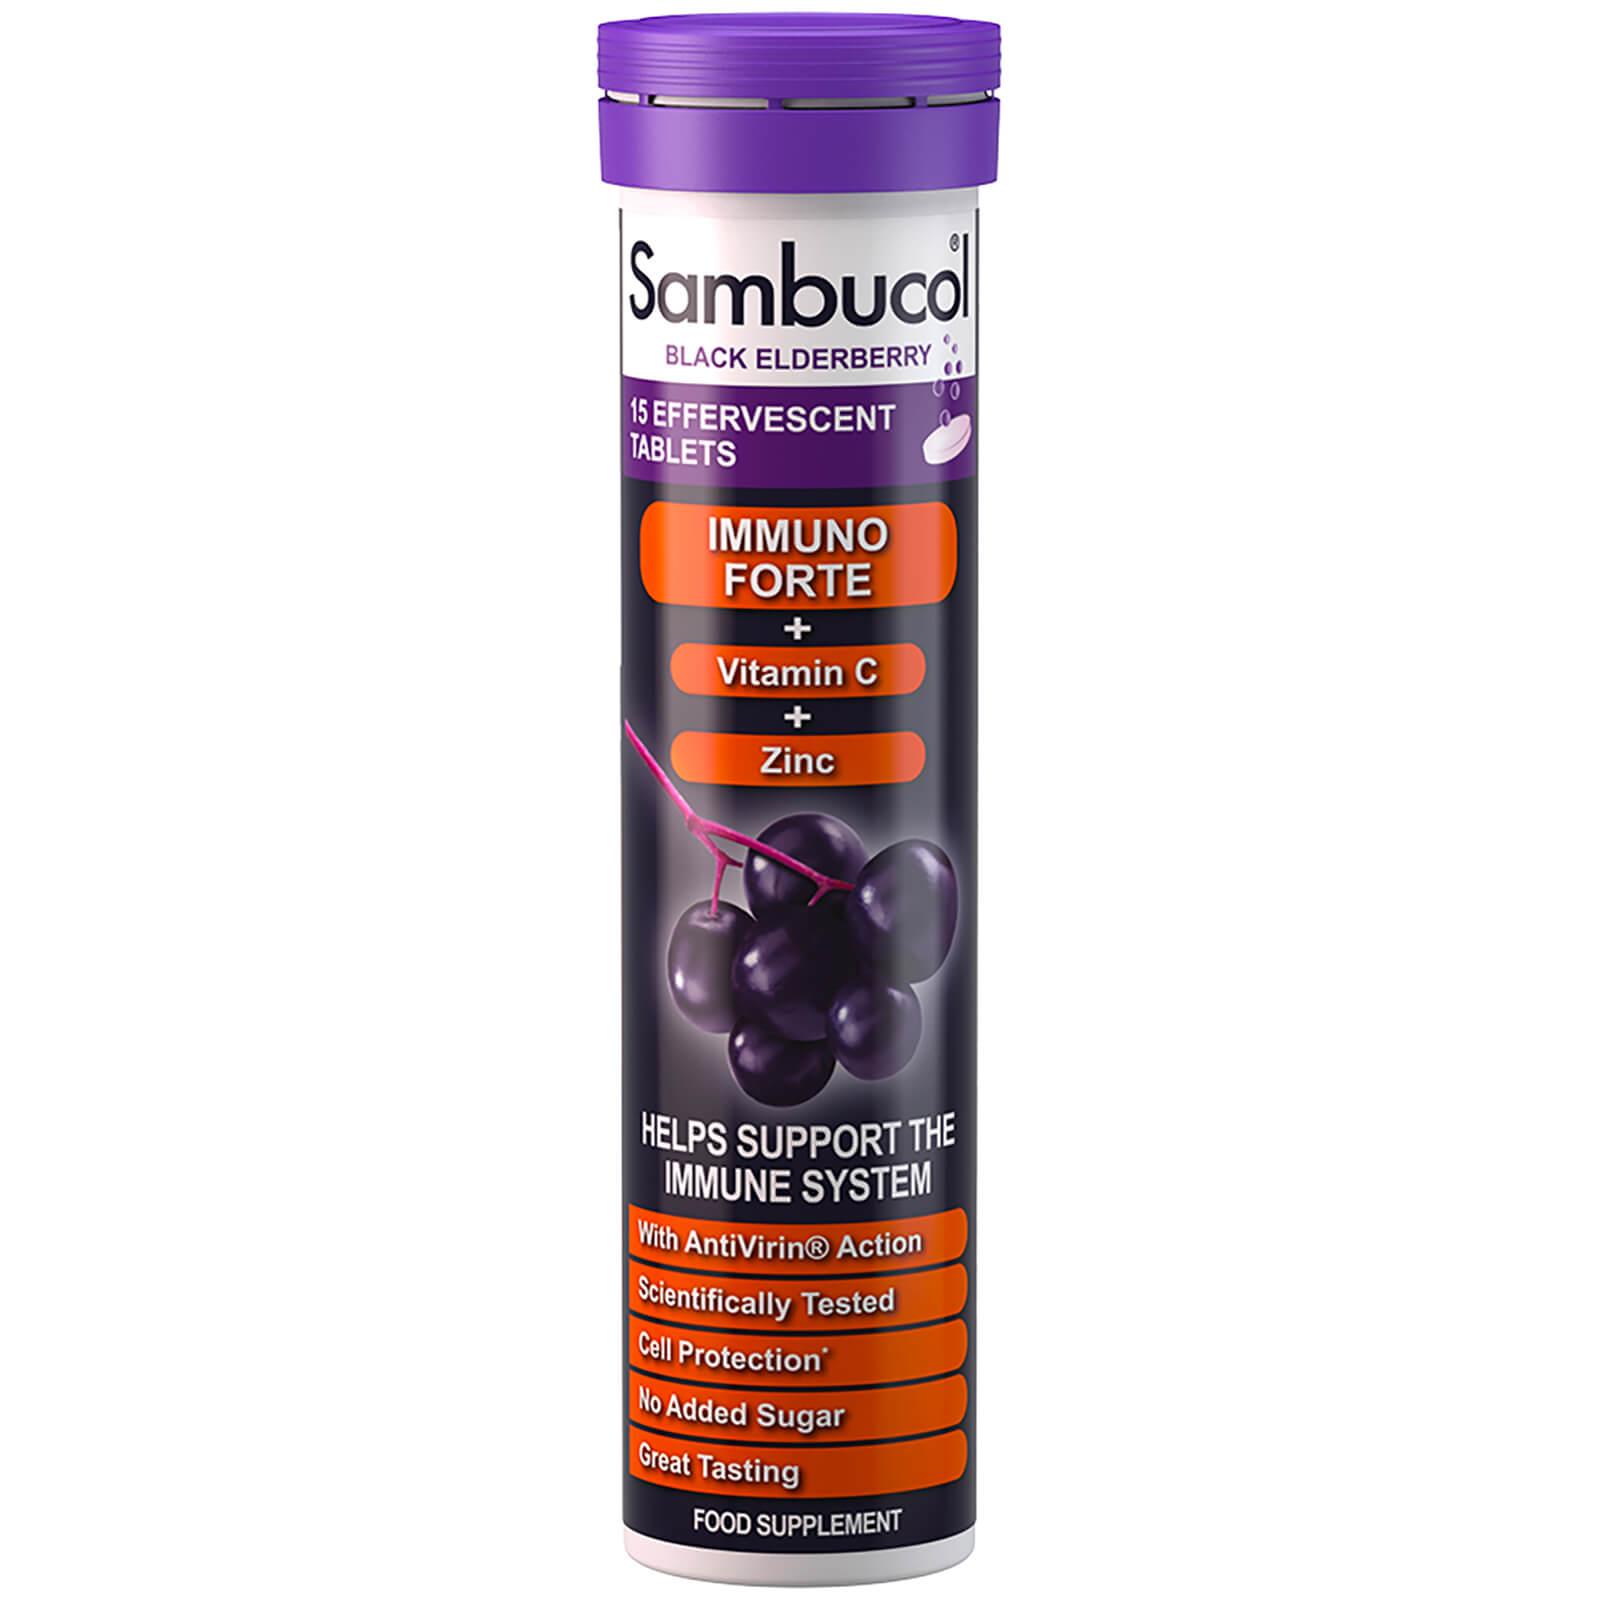 Sambucol Immuno Forte integratore effervescente (15 compresse)